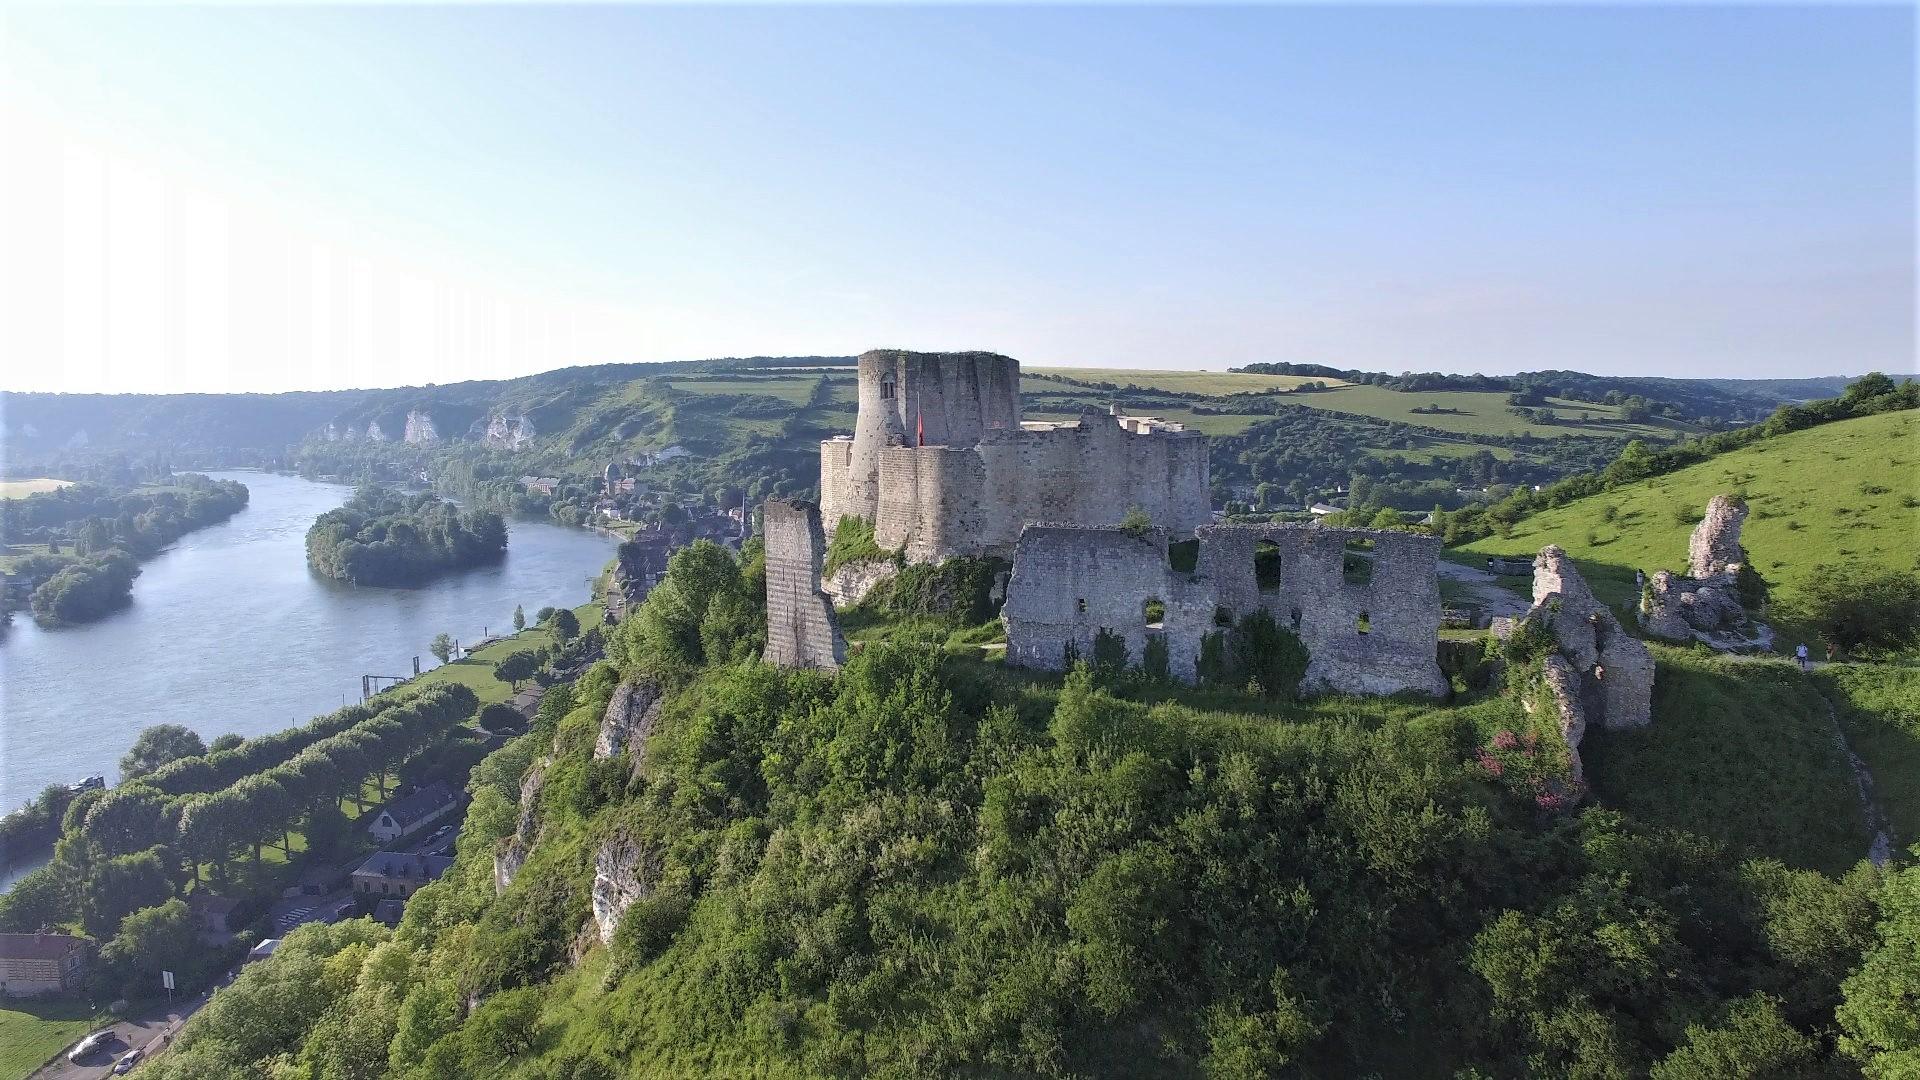 Photo par drone du château Gaillard en Normandie